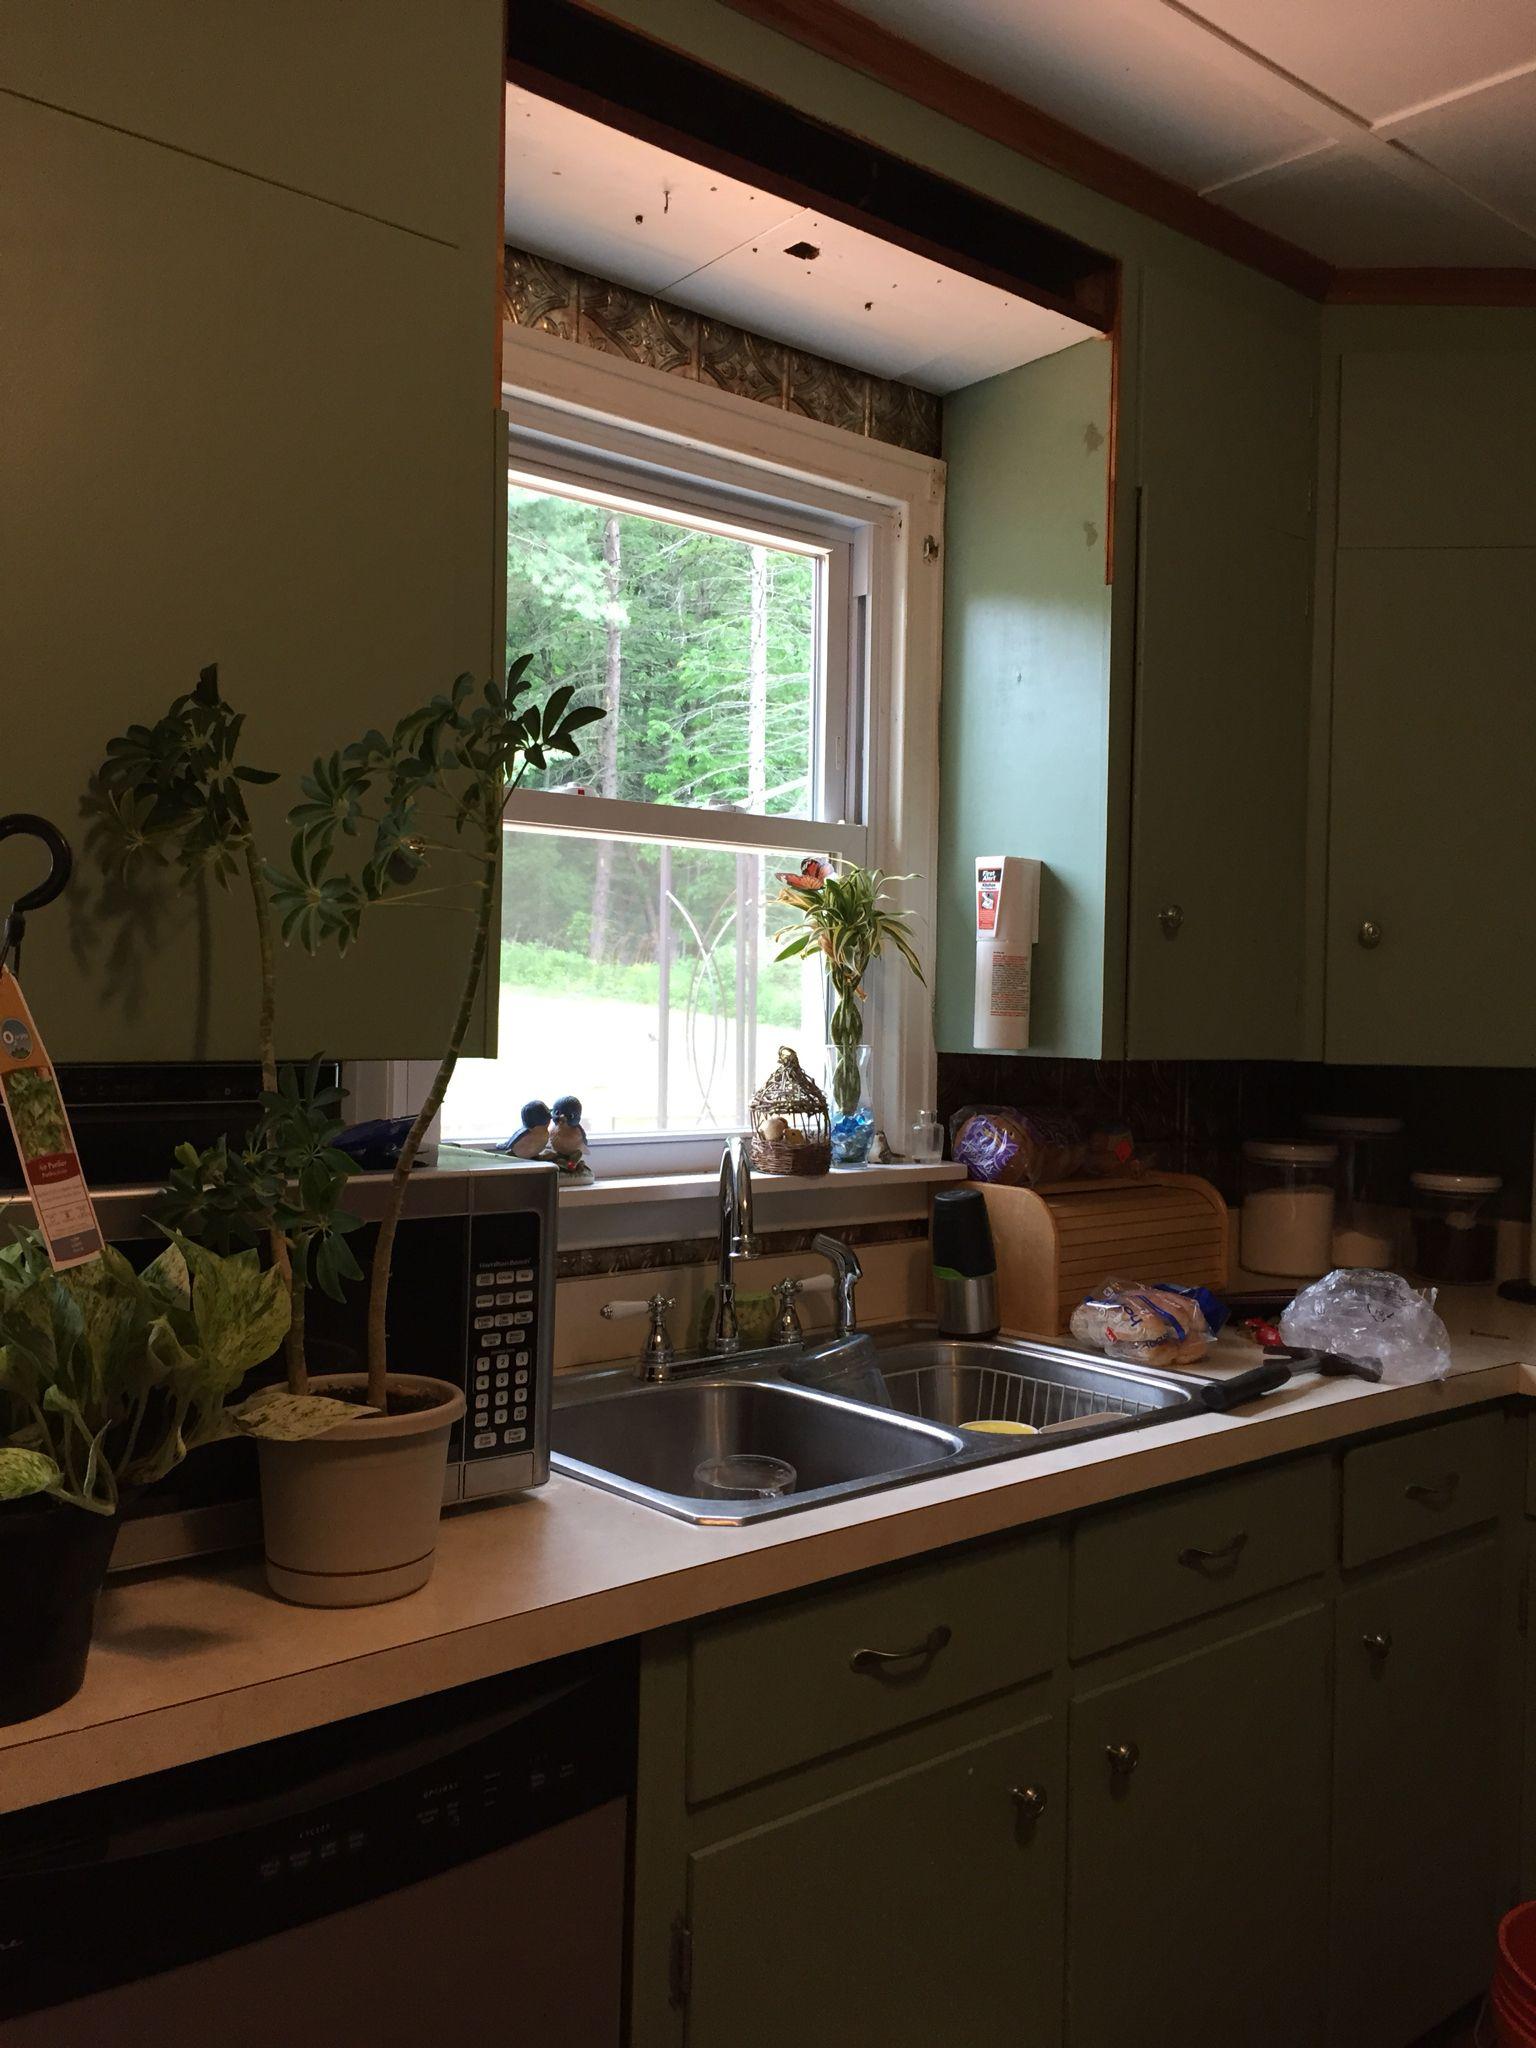 DIY kit before | Diy kitchen projects, Diy kitchen, Kitchen